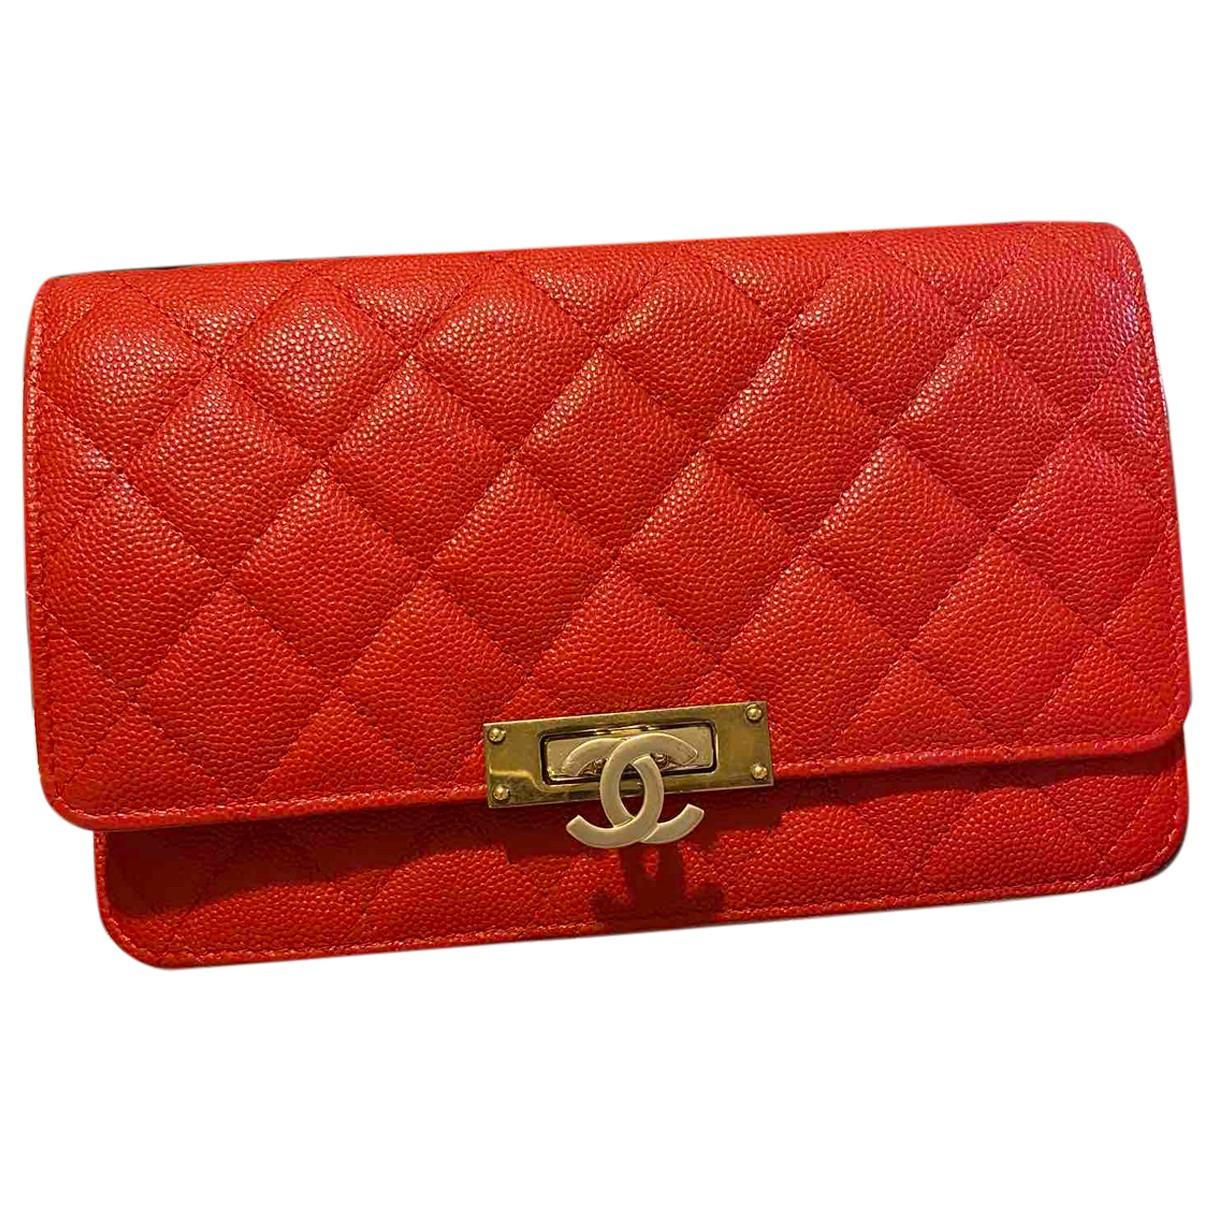 Mochila Wallet on Chain de Cuero Chanel